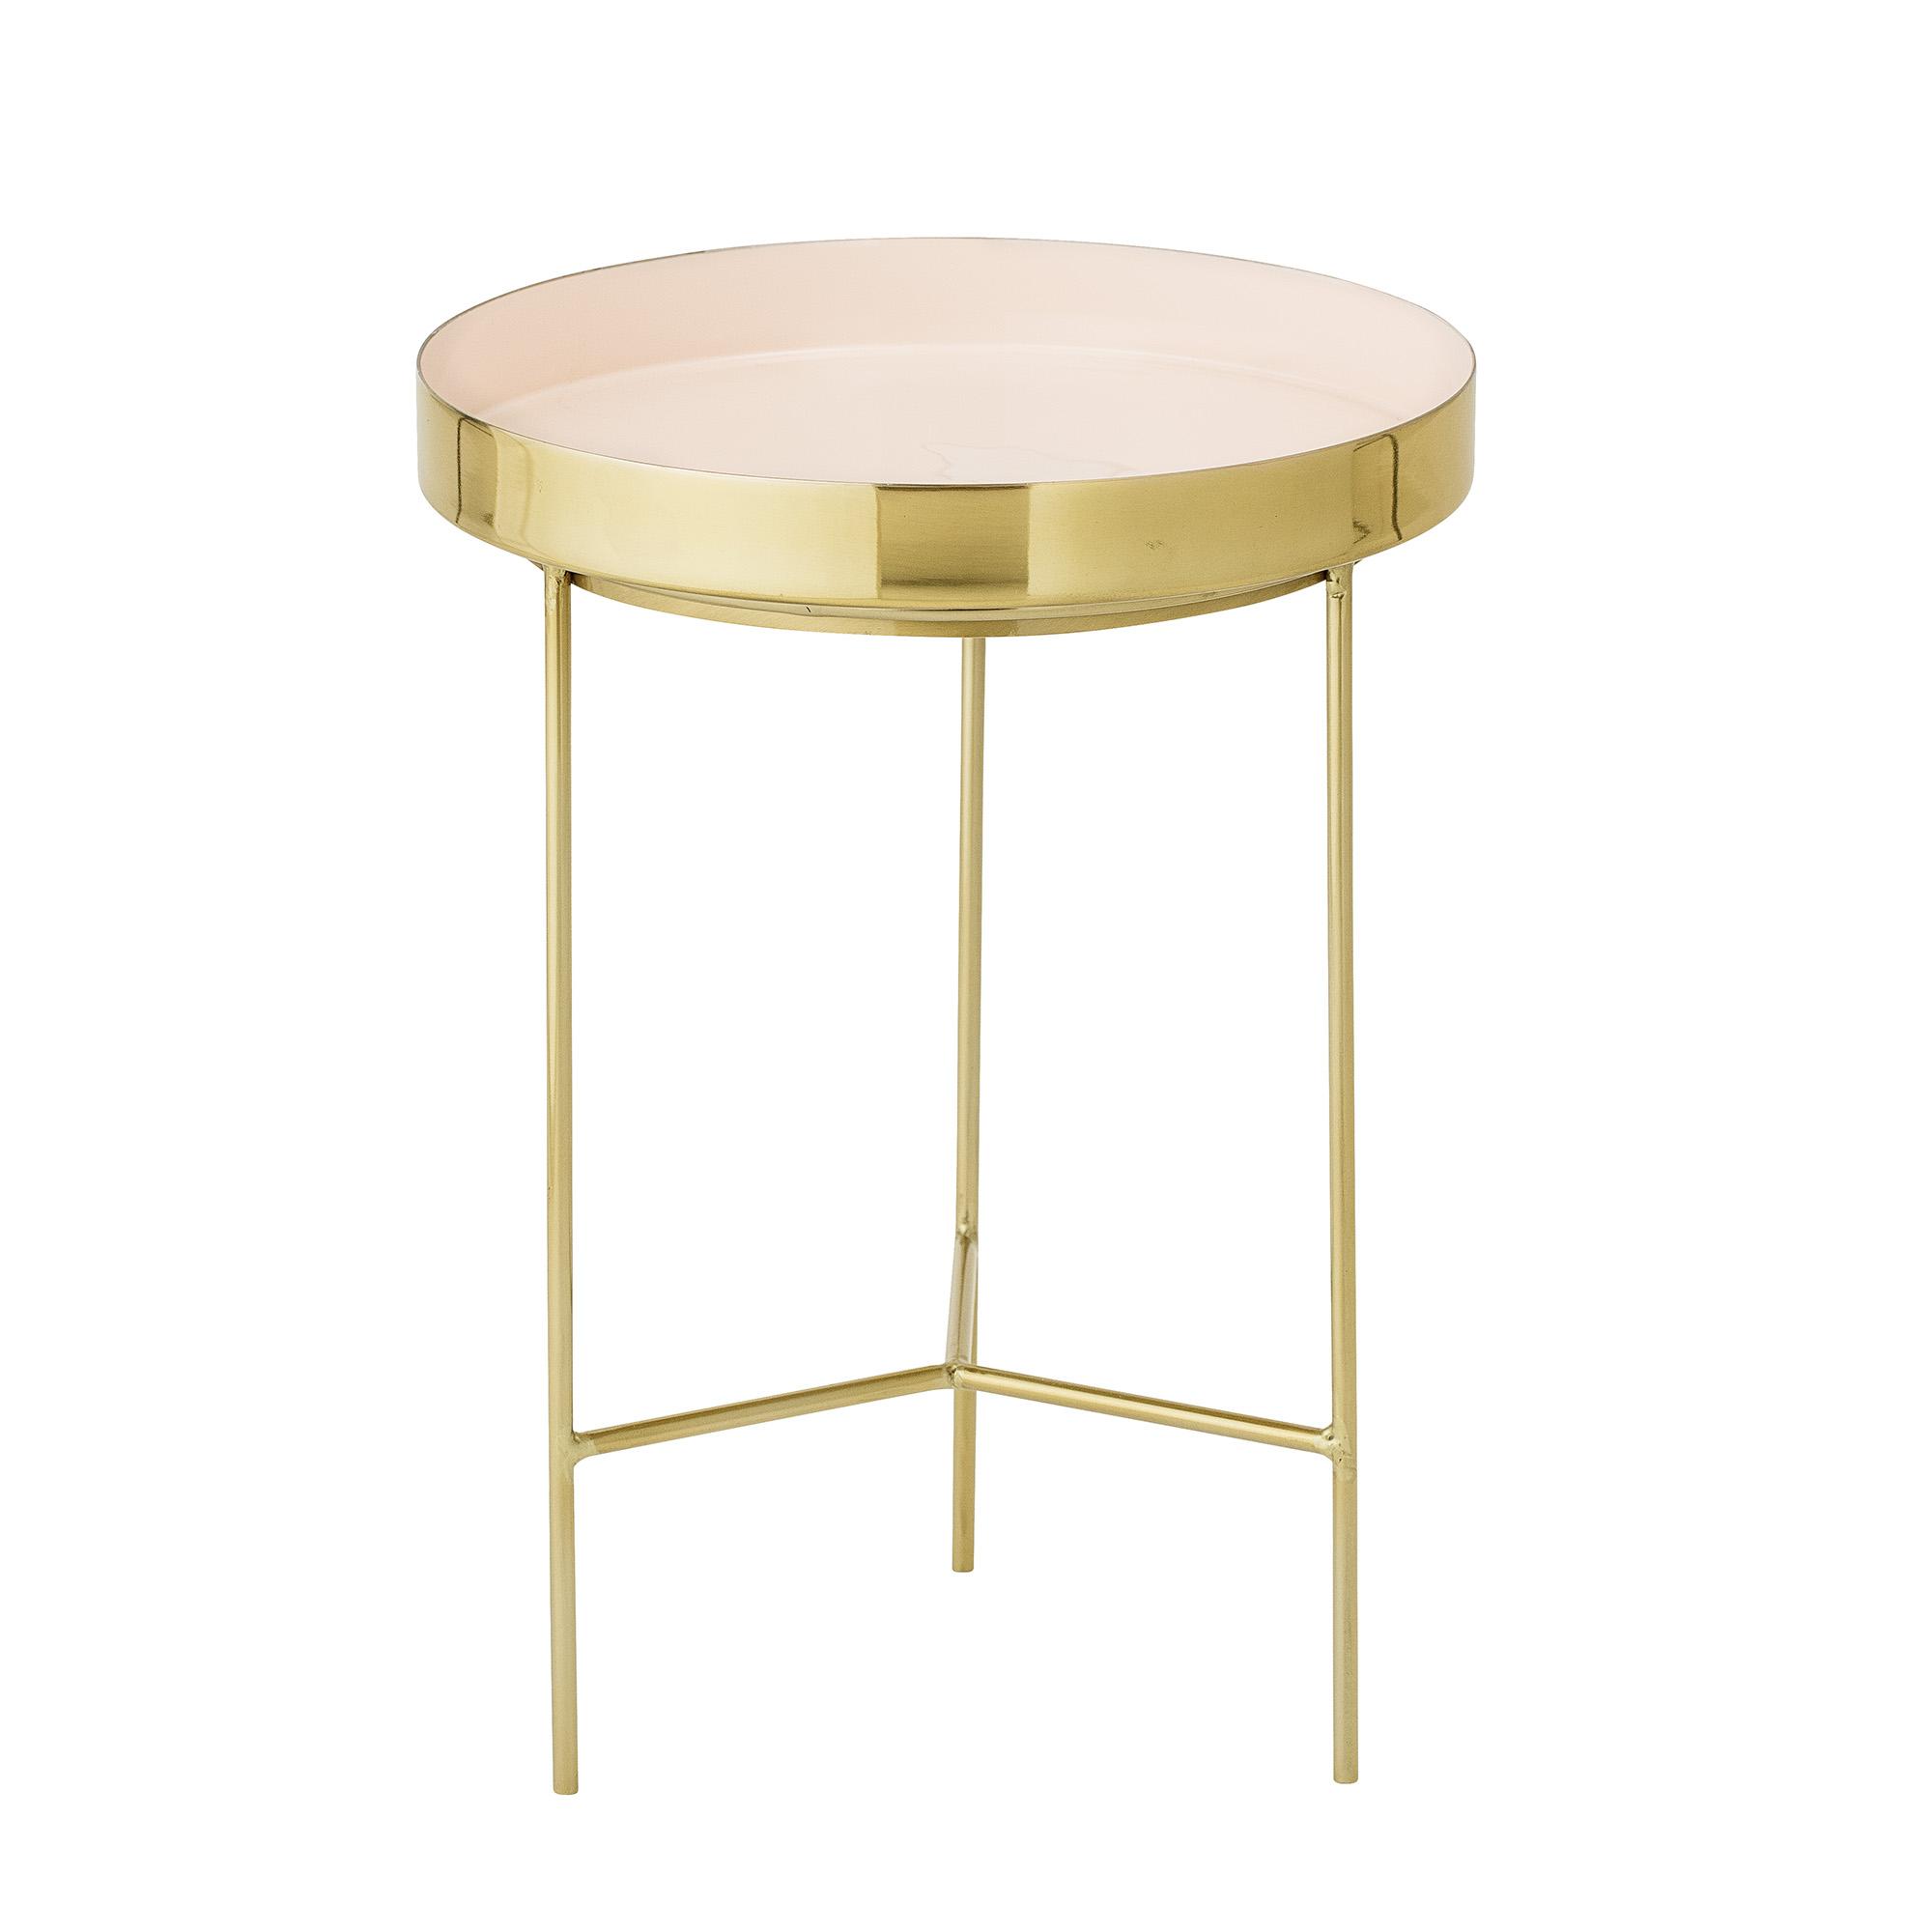 Bloomingville sola bakkebord - rosa/guld aluminium/stål, rund (ø30) fra bloomingville på boboonline.dk